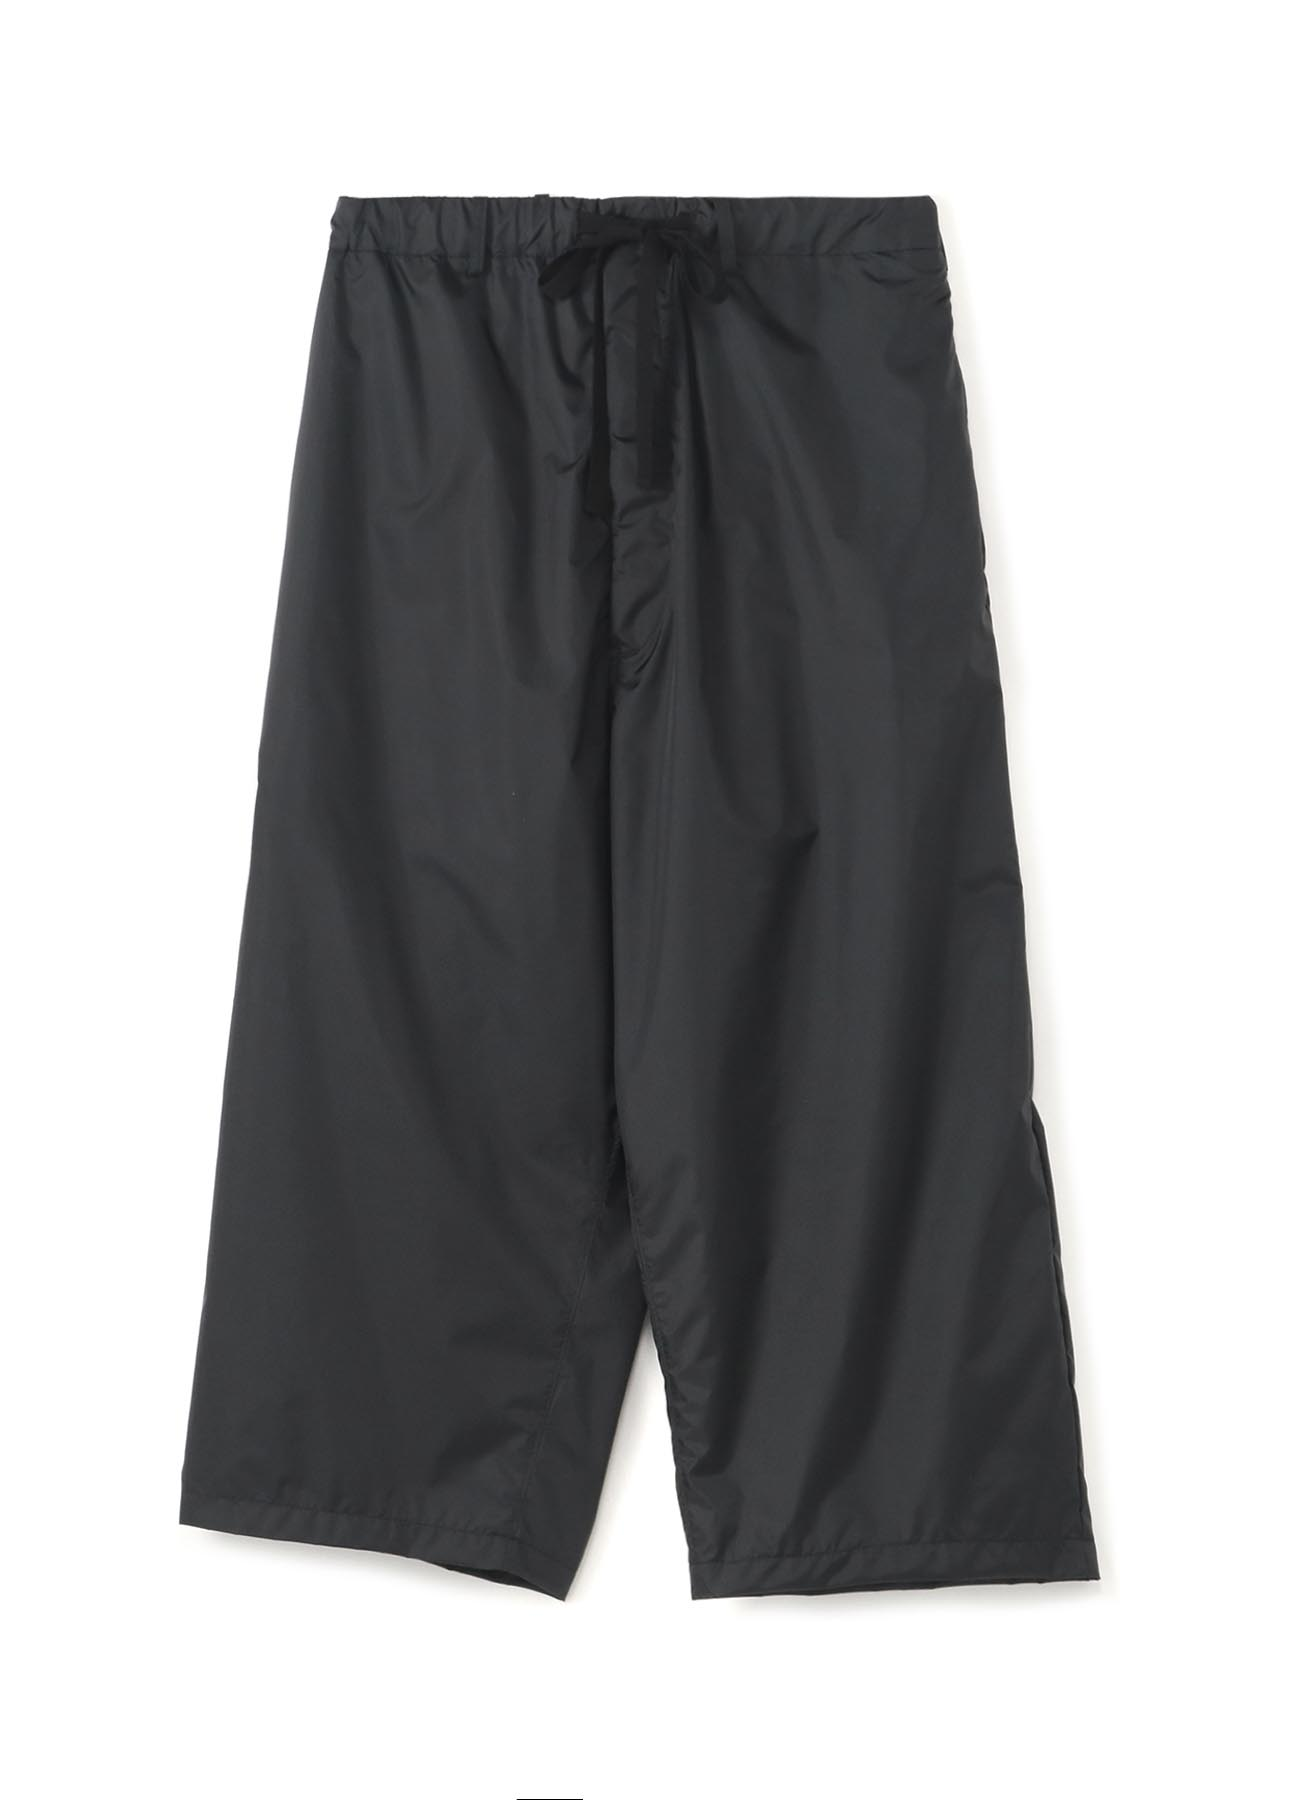 Nylon Taffeta Mesh NoTack Cropped Easy Wide Pants